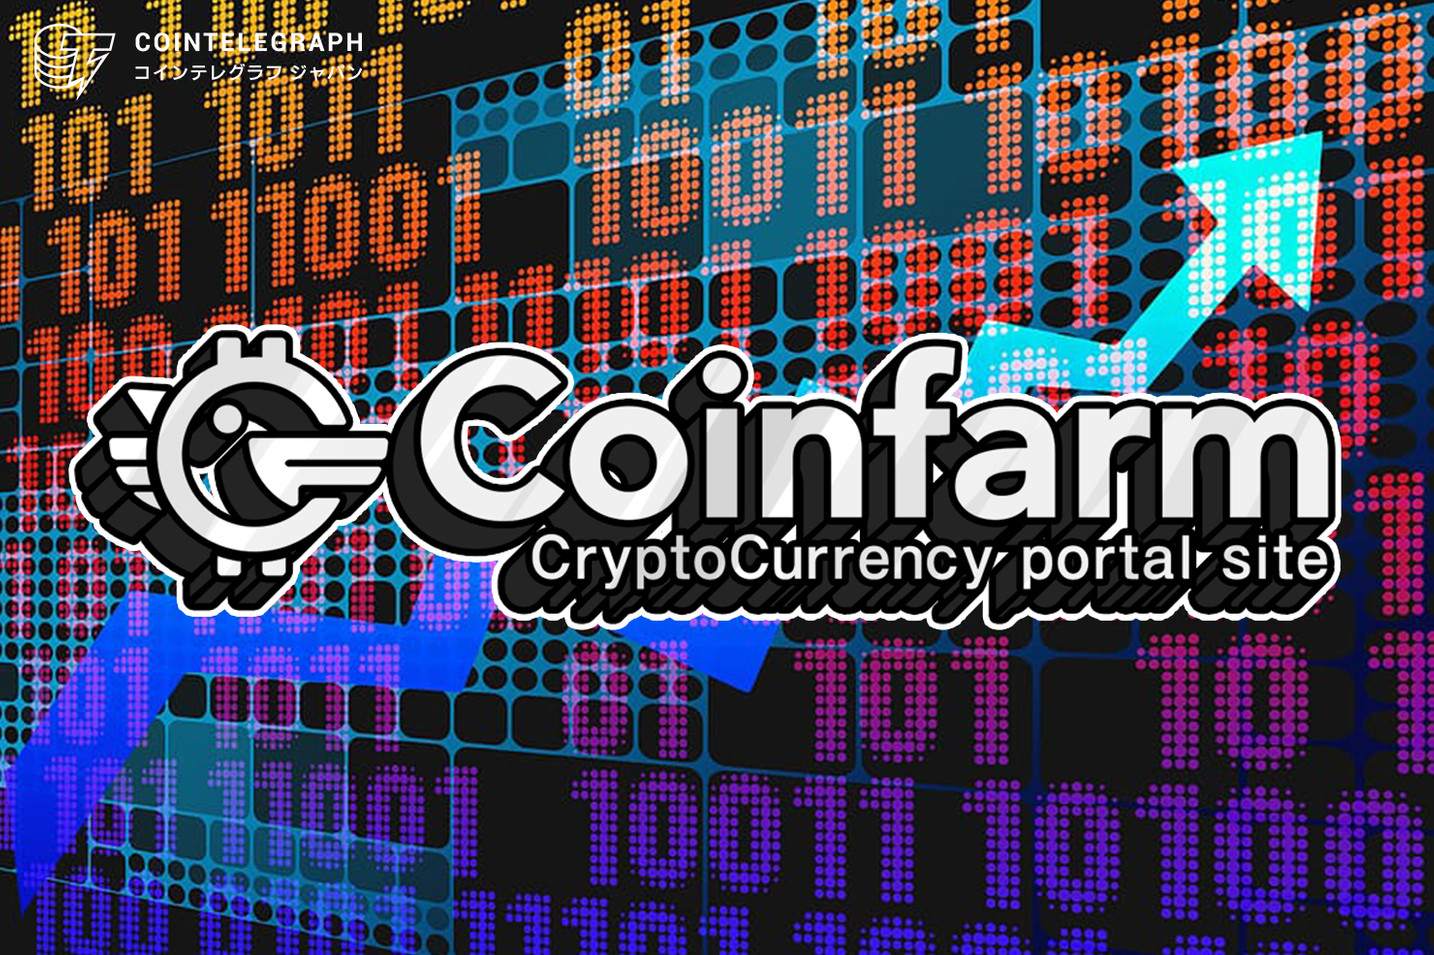 「コインファーム」世界最大規模の仮想通貨取引所バイナンスと提携。BINANCE API先物(マージン)取引サービスを開始